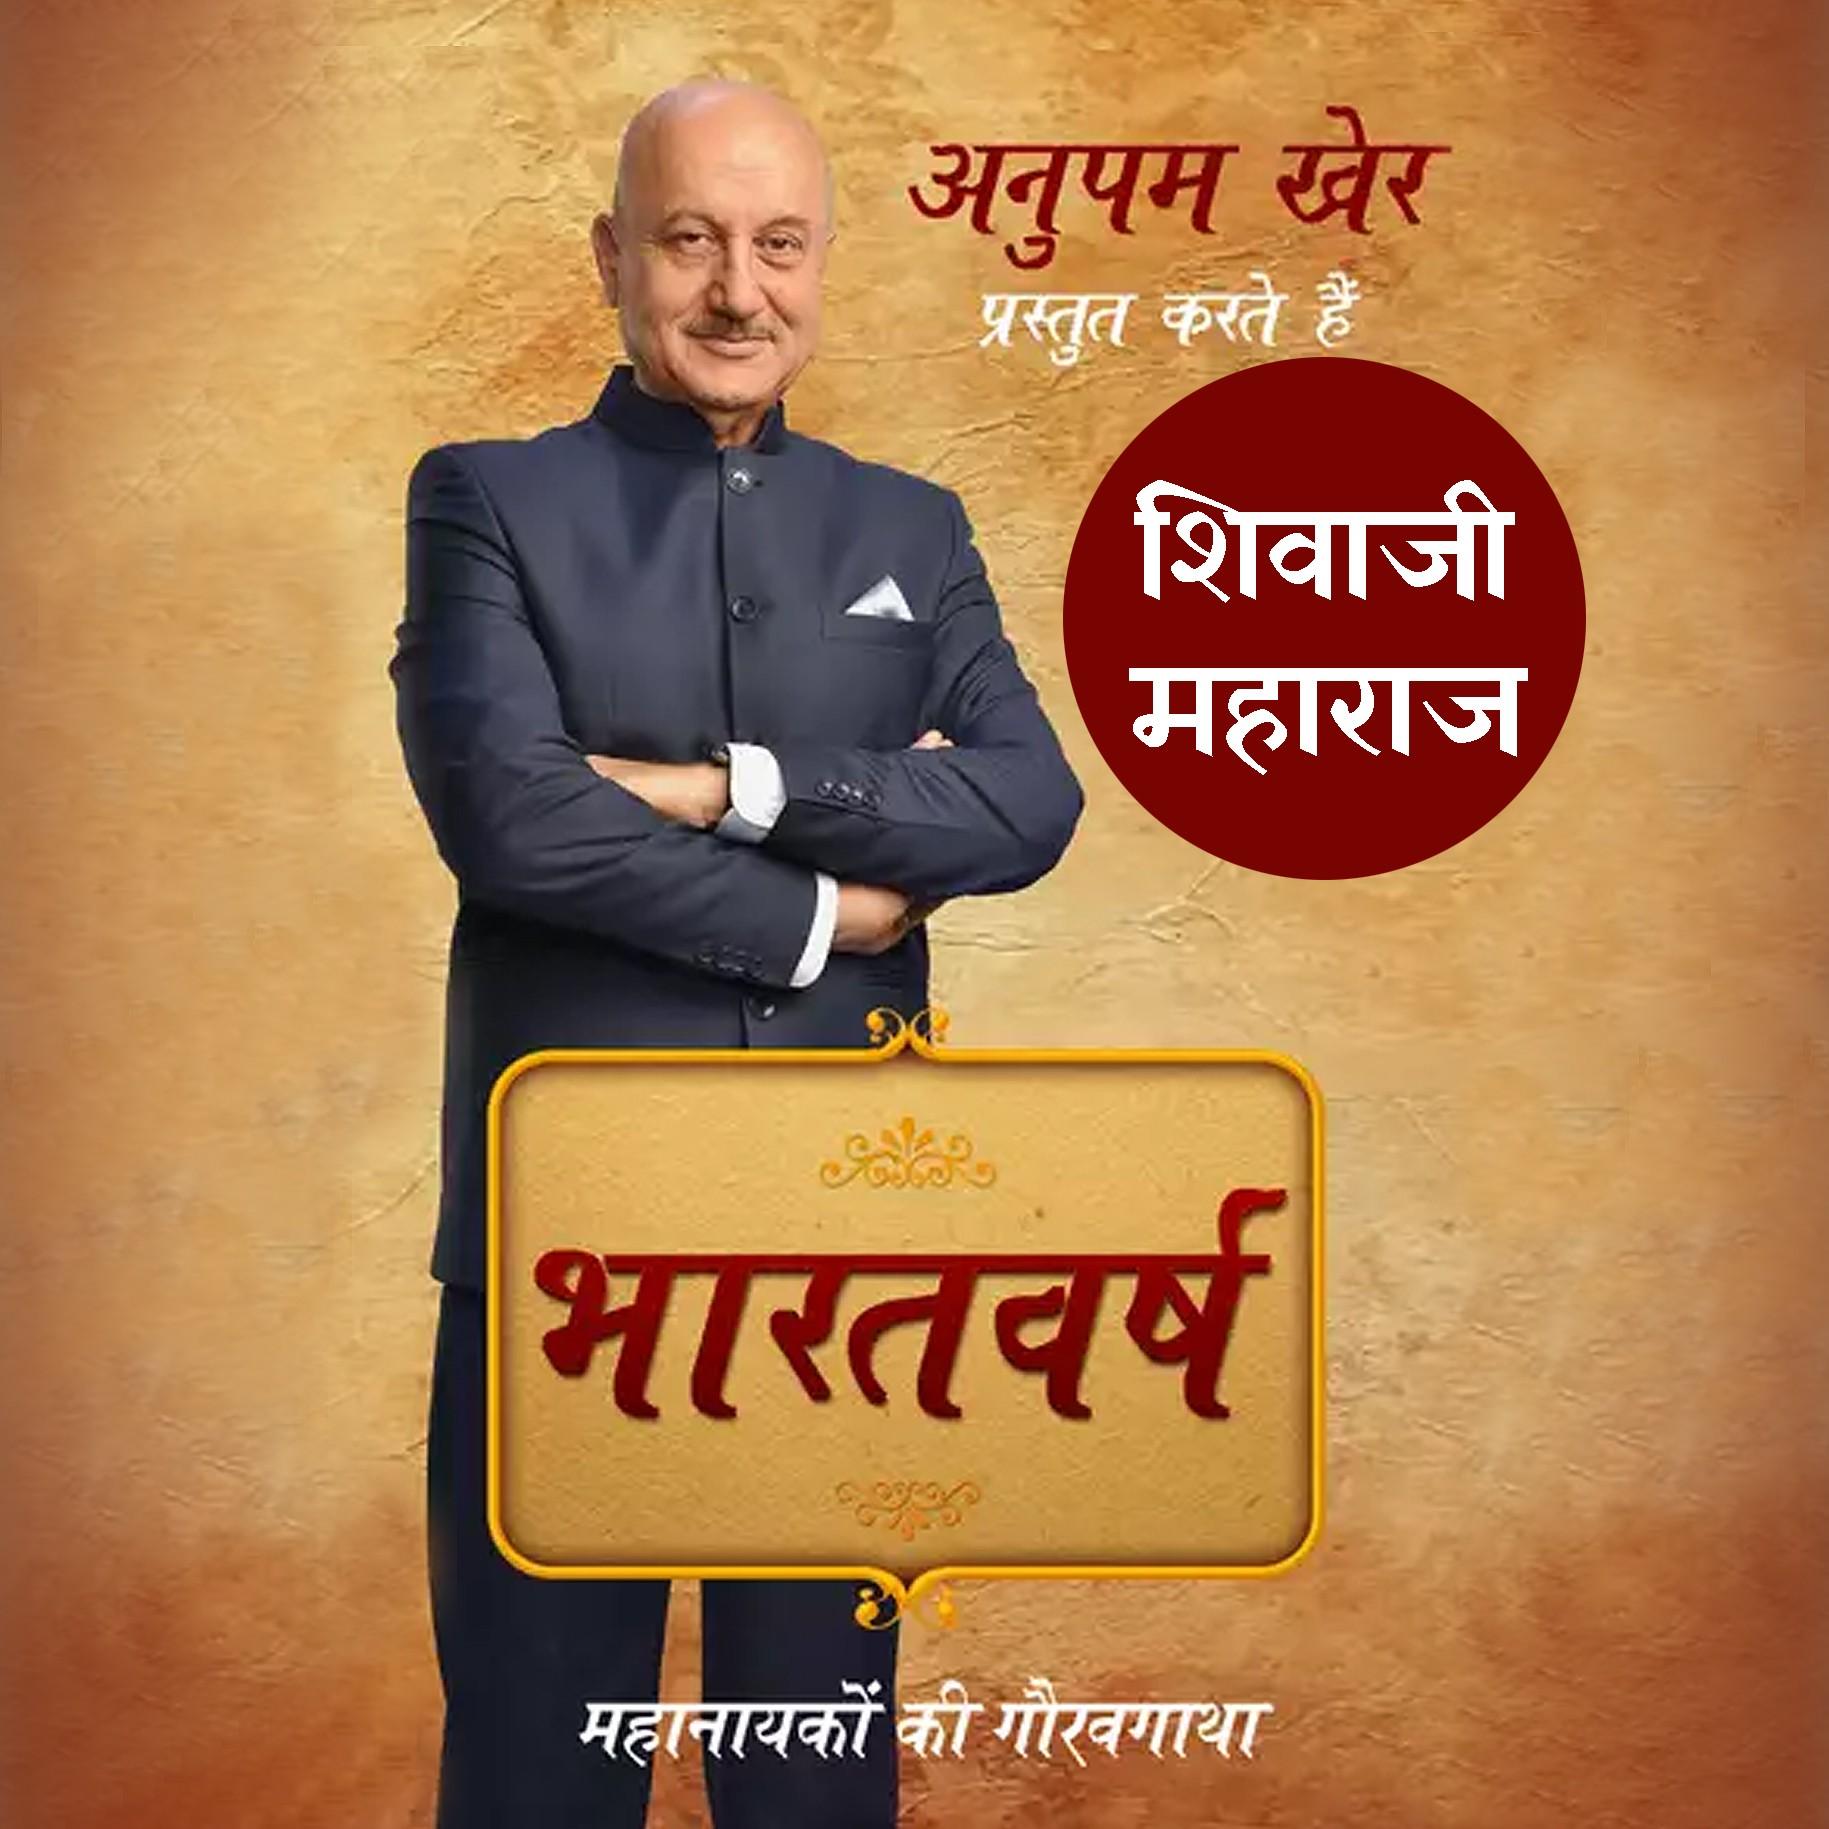 Anupam Kher Prastut Karte Hai Bharat Varsh : Shivaji Maharaj |